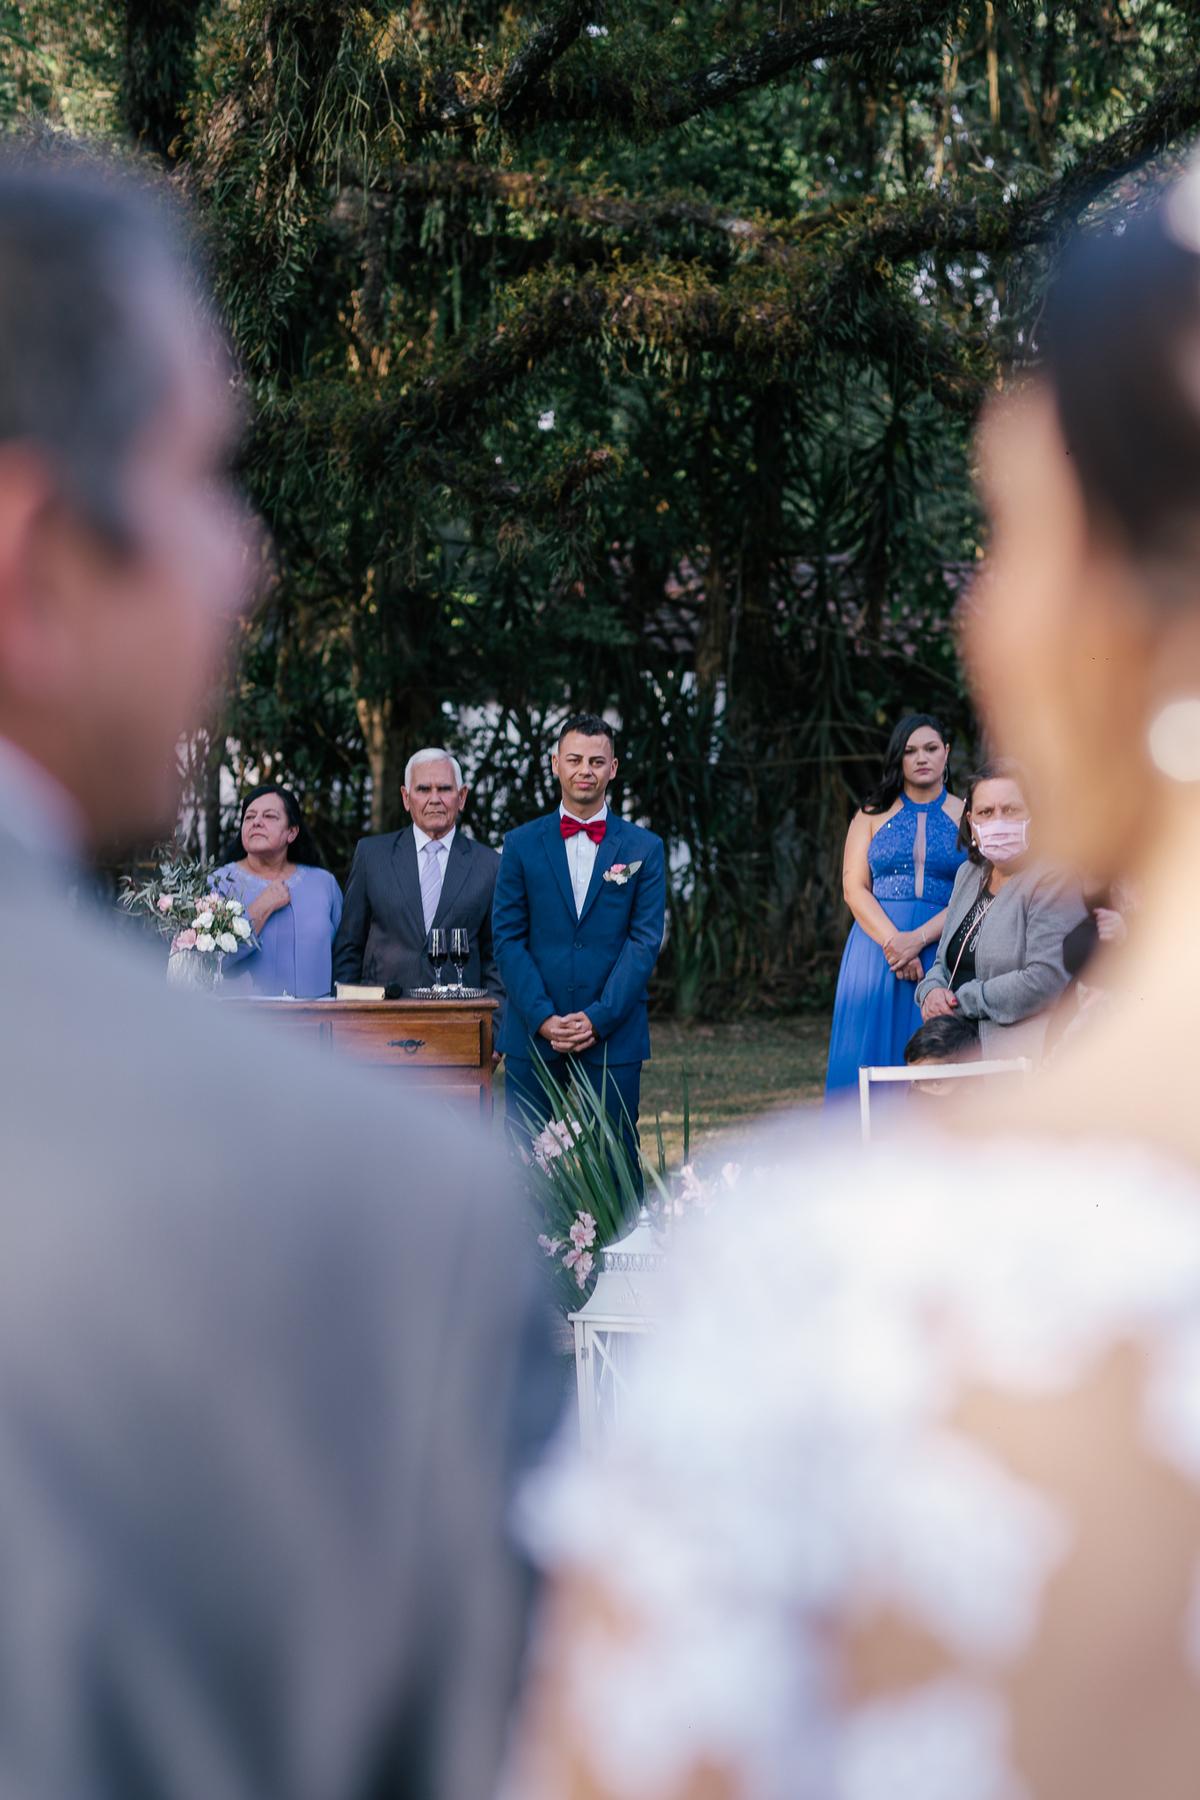 noiva na entrada da cerimonia com o noivo olhado ao fundo